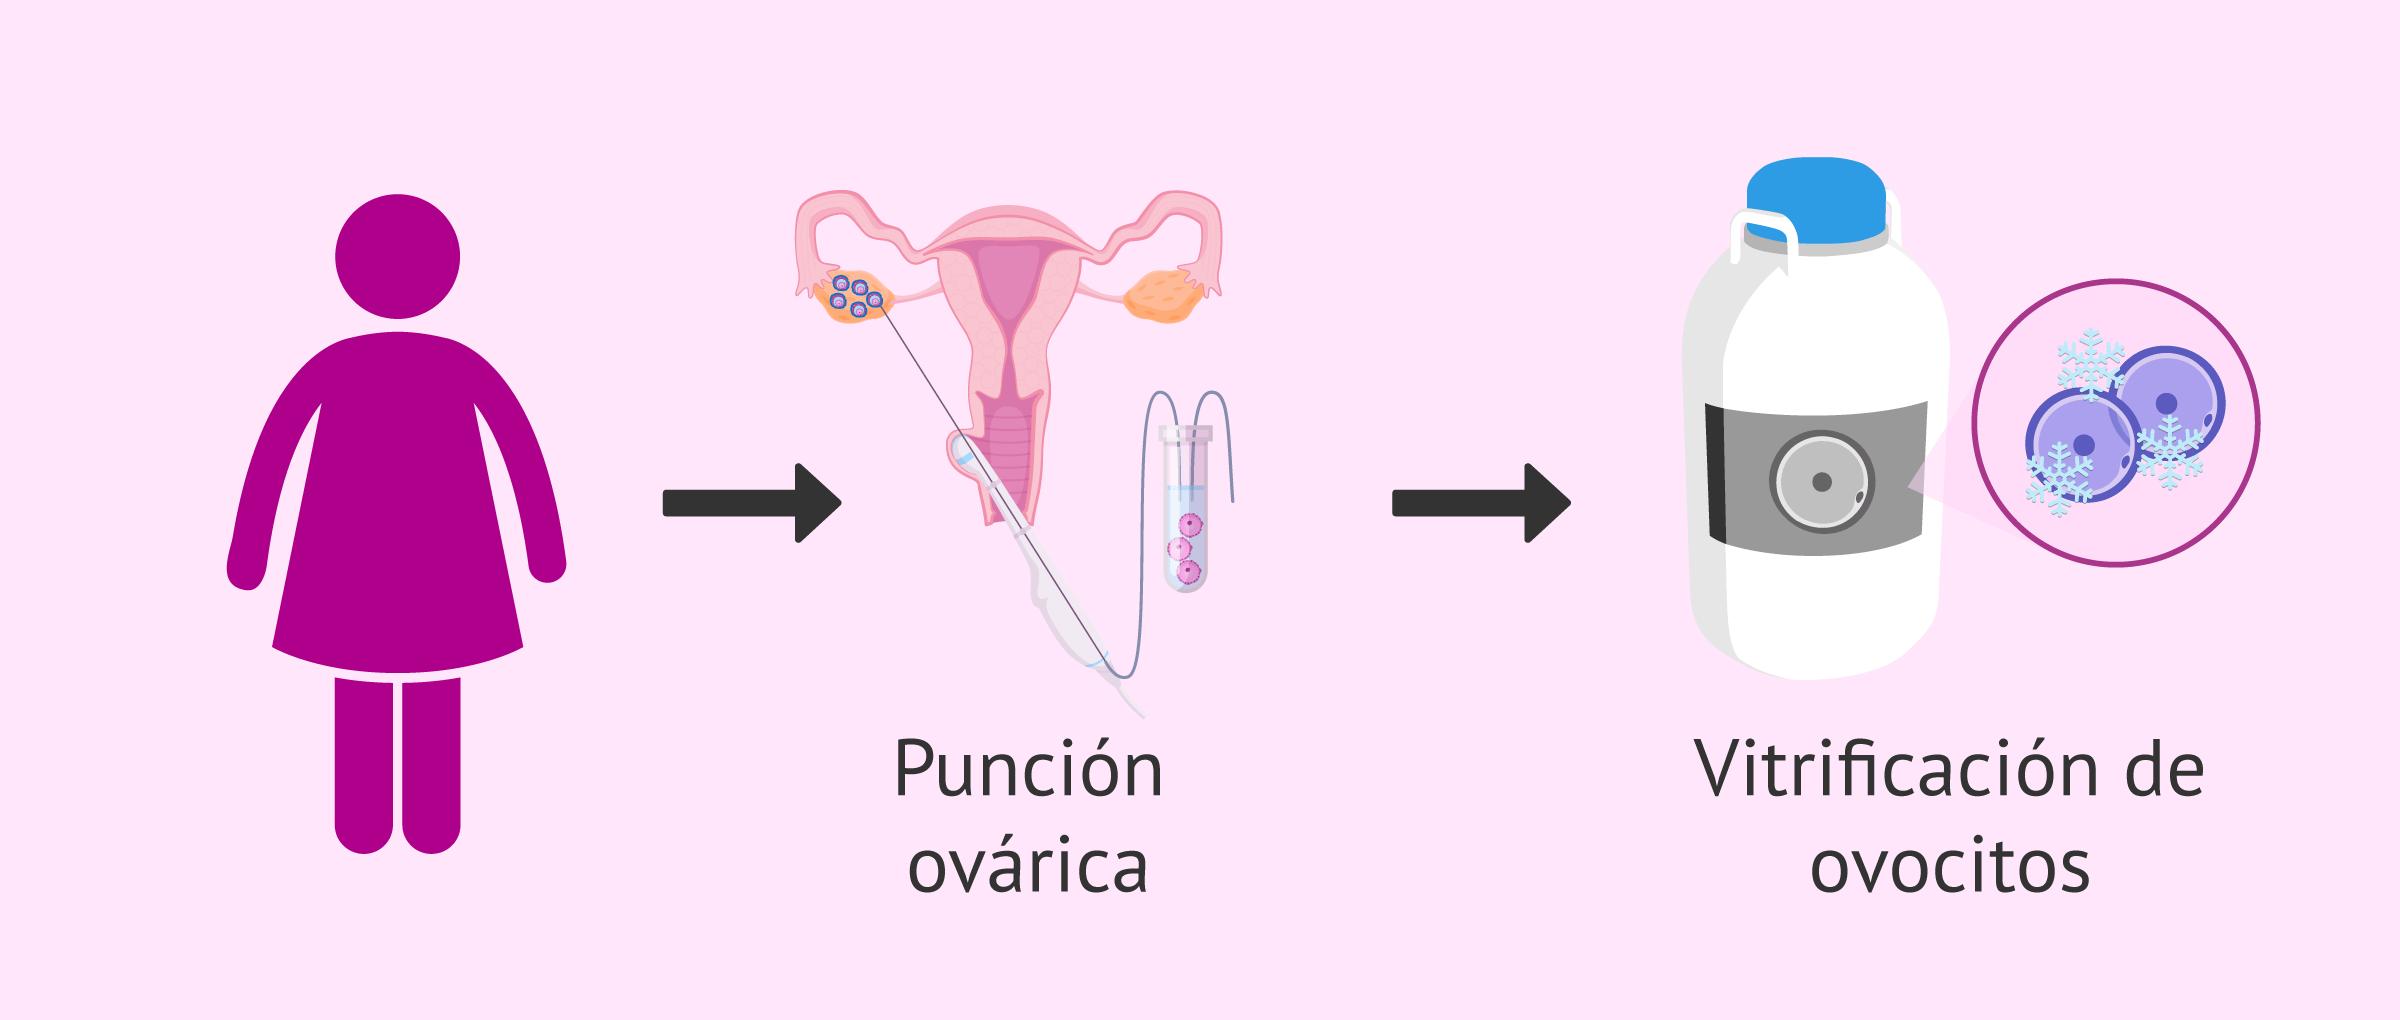 Preservación de la fertilidad femenina